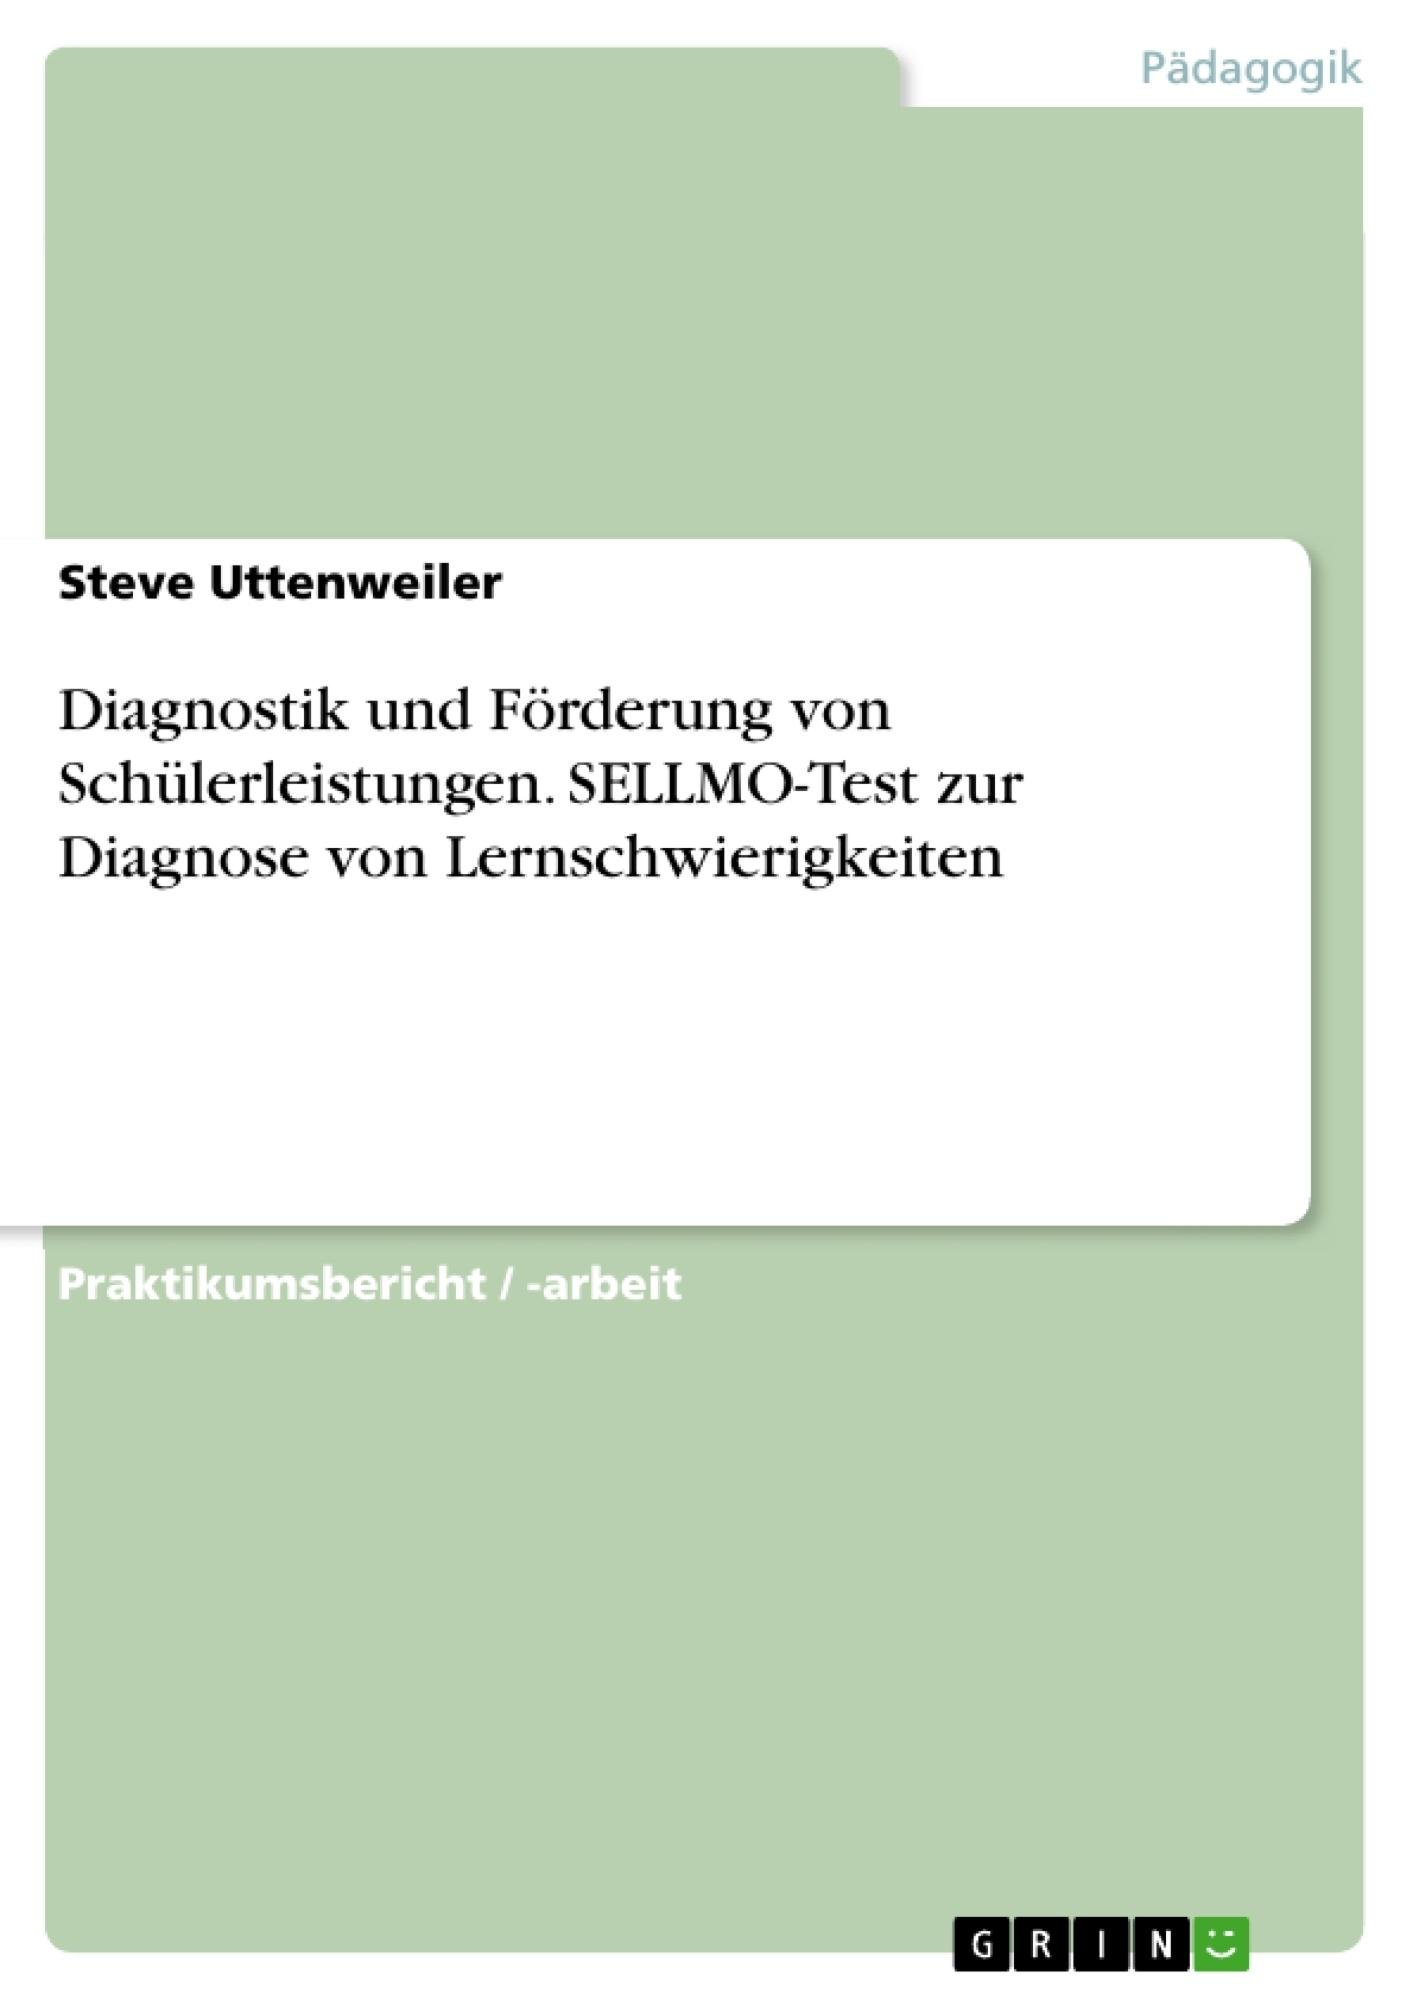 Titel: Diagnostik und Förderung von Schülerleistungen. SELLMO-Test zur Diagnose von Lernschwierigkeiten